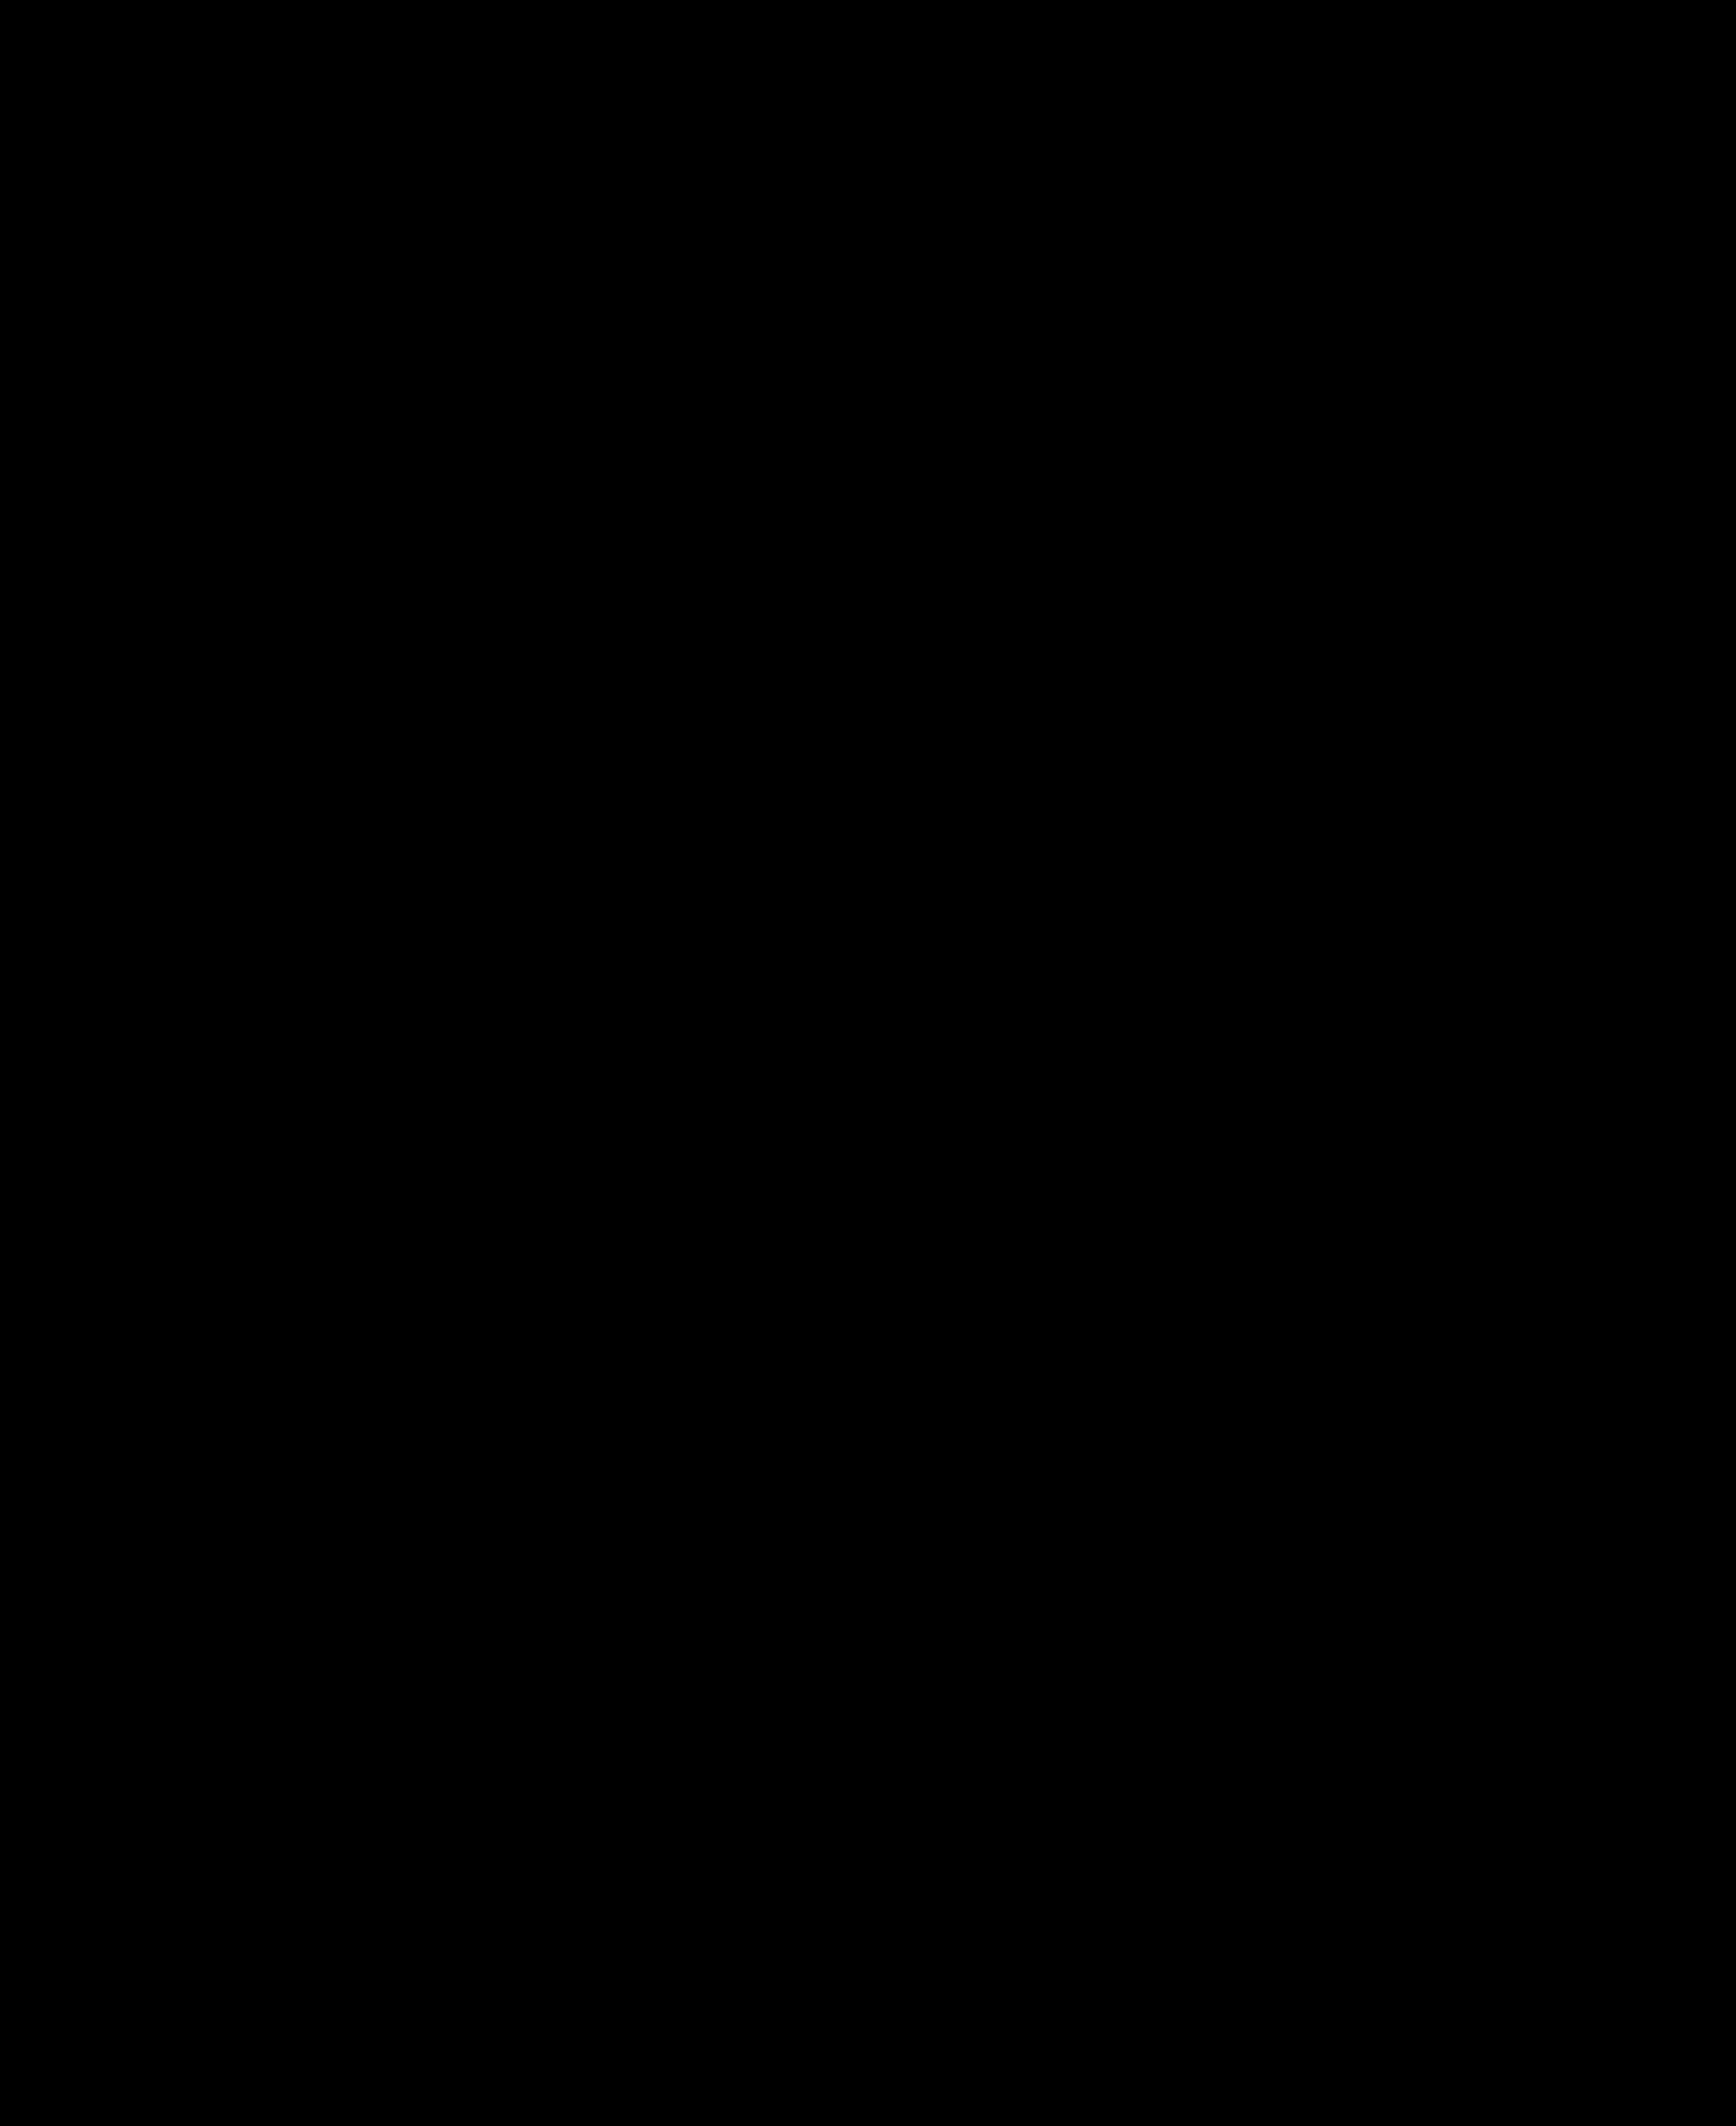 Border simple elegant black. Frame clipart baseball